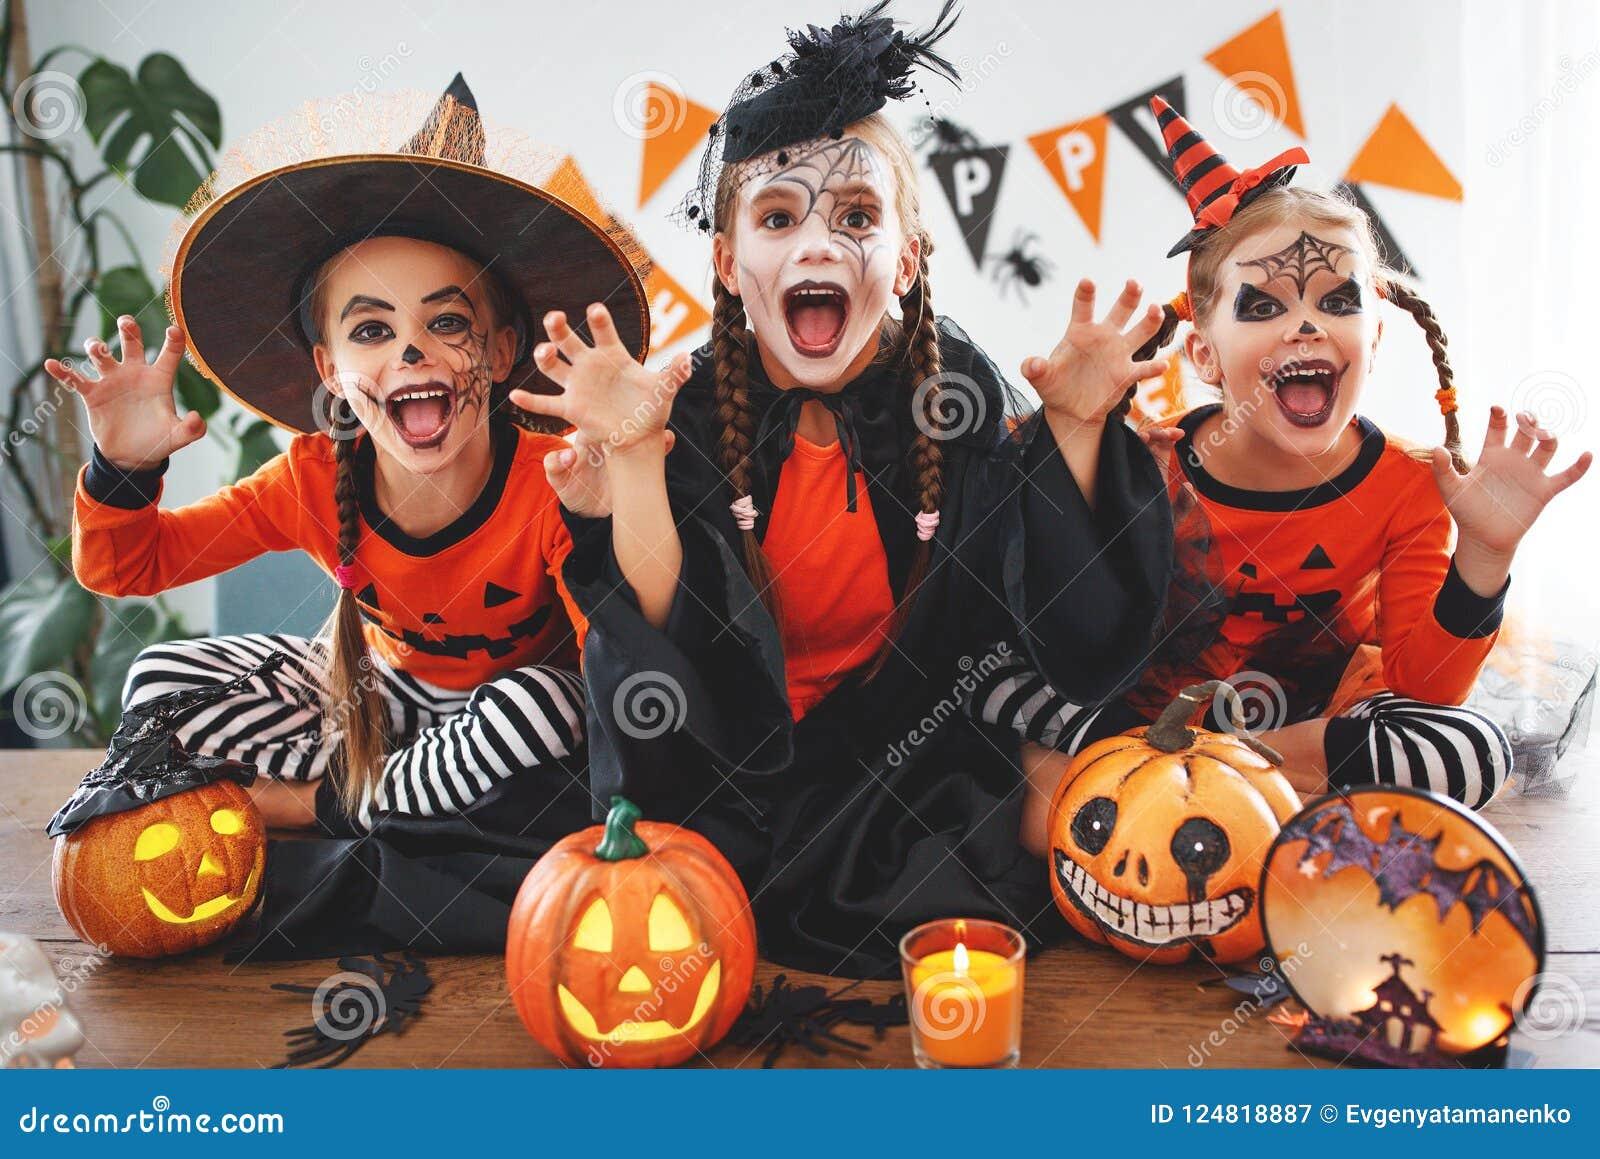 Kinderen Halloween.Gelukkig Halloween Een Groep Kinderen In Kostuums En Met